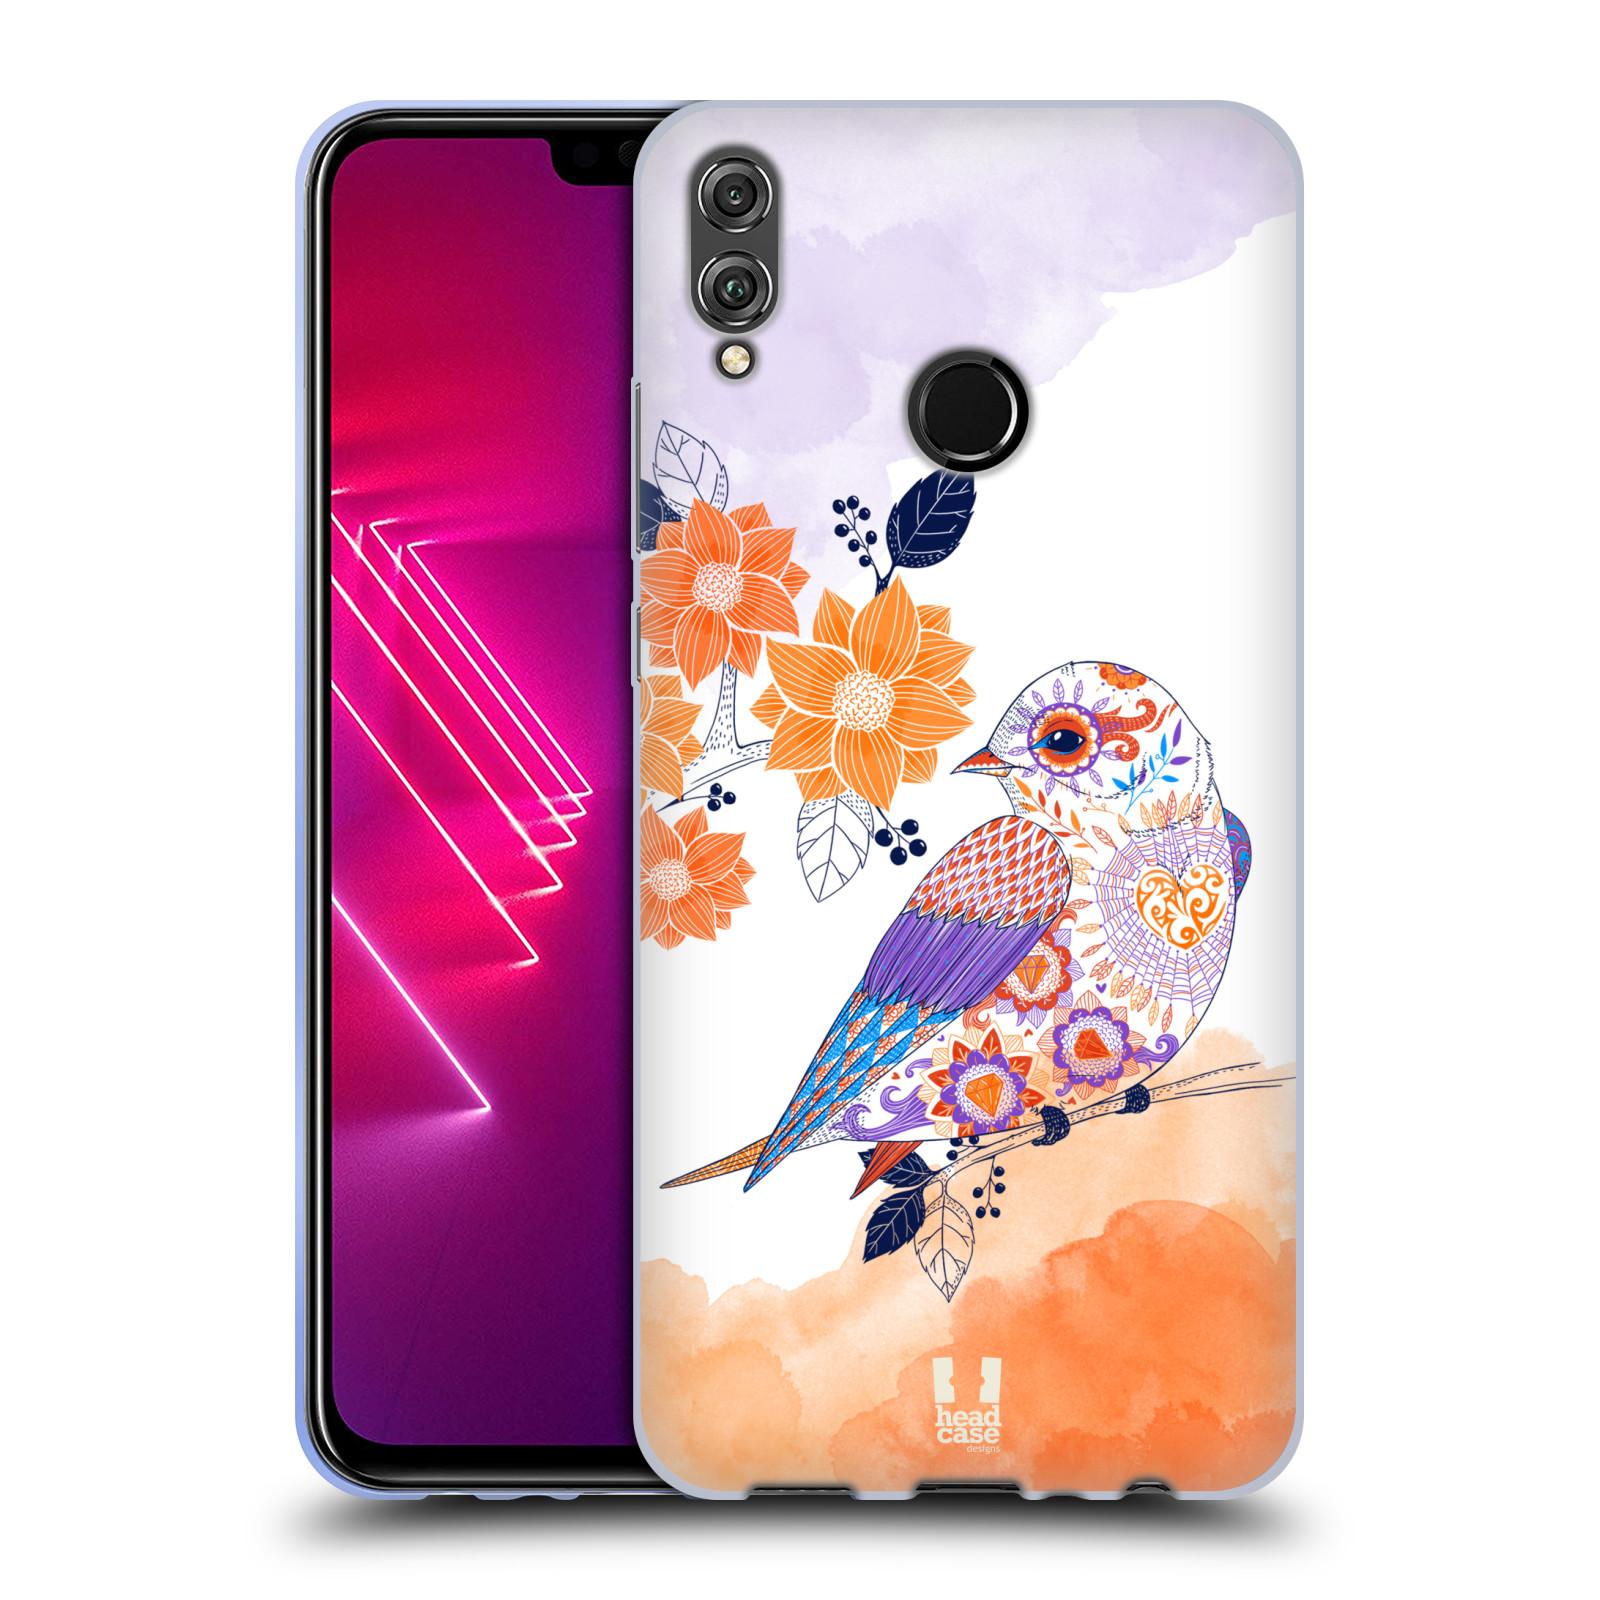 Silikonové pouzdro na mobil Honor View 10 Lite - Head Case - PTÁČEK TANGERINE